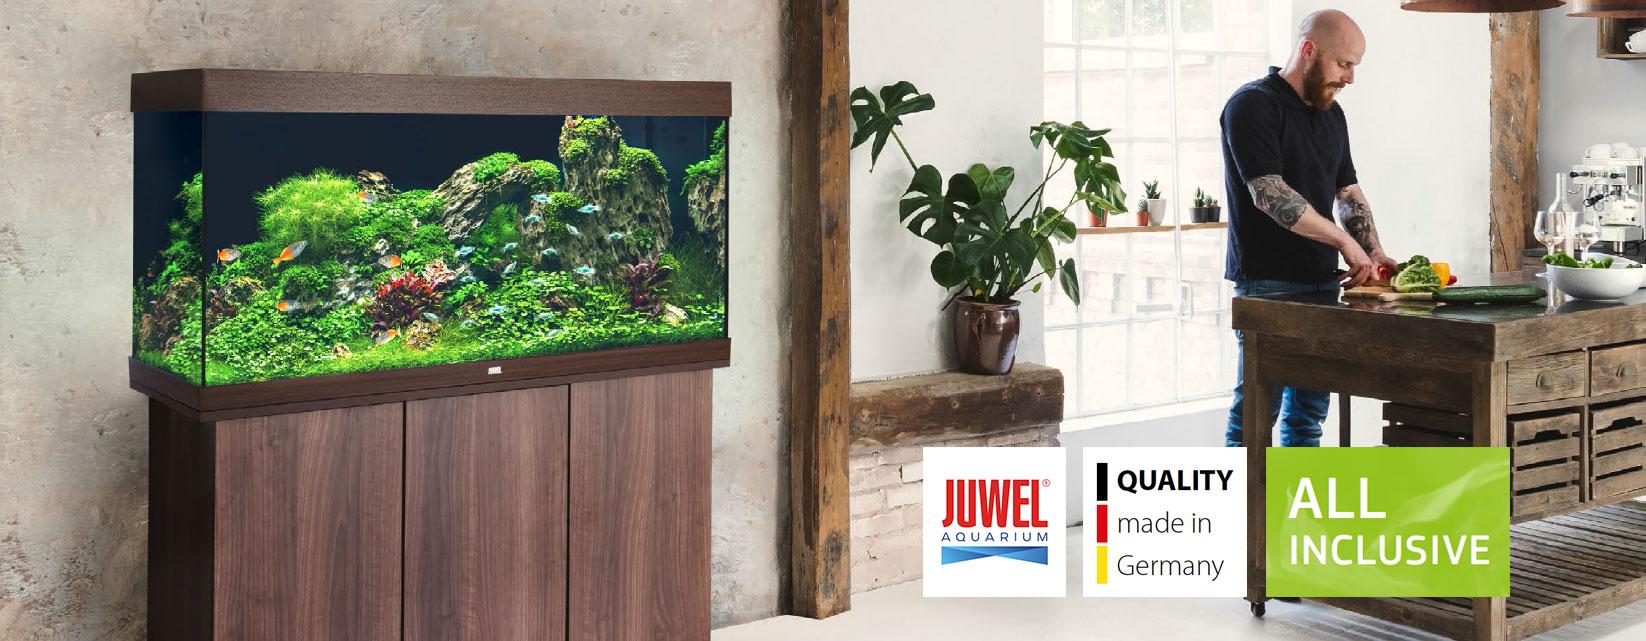 JUWEL Aquarium Online Shop, Bild 1